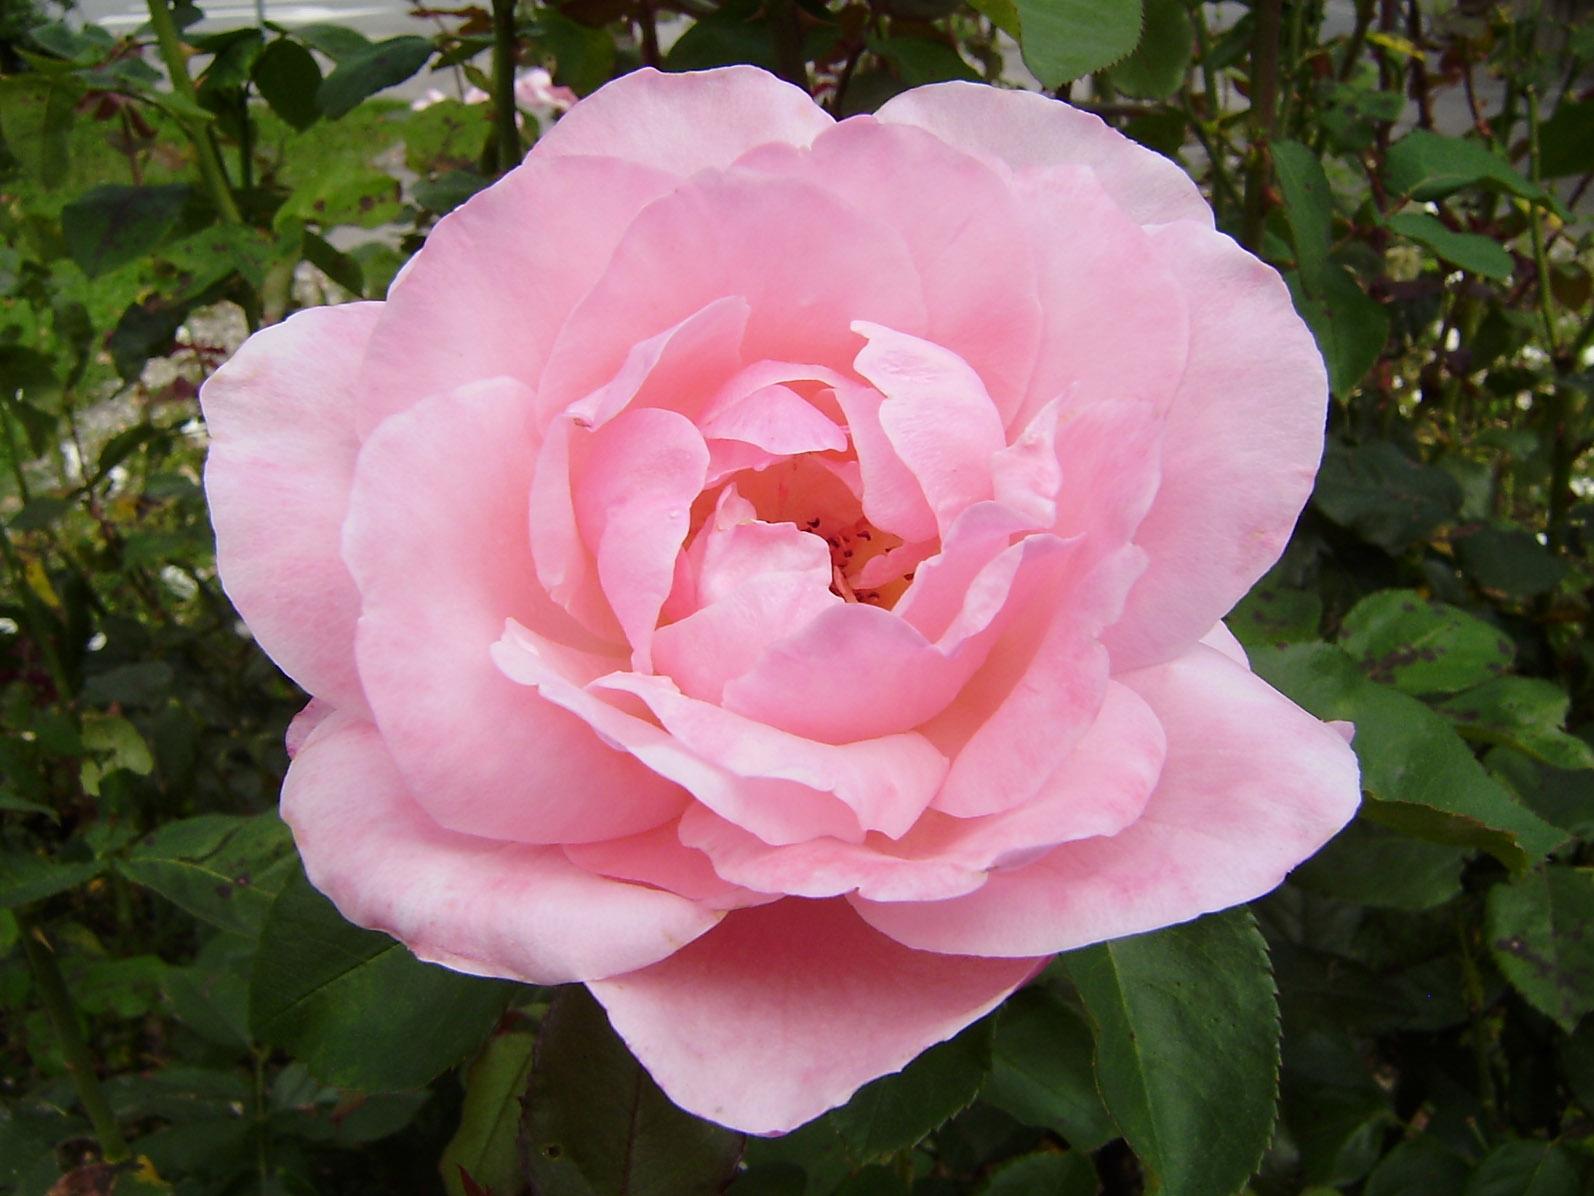 Die rosa Rose ist ein Symbol für die junge Liebe. Foto (C) Irmgard Brottrager